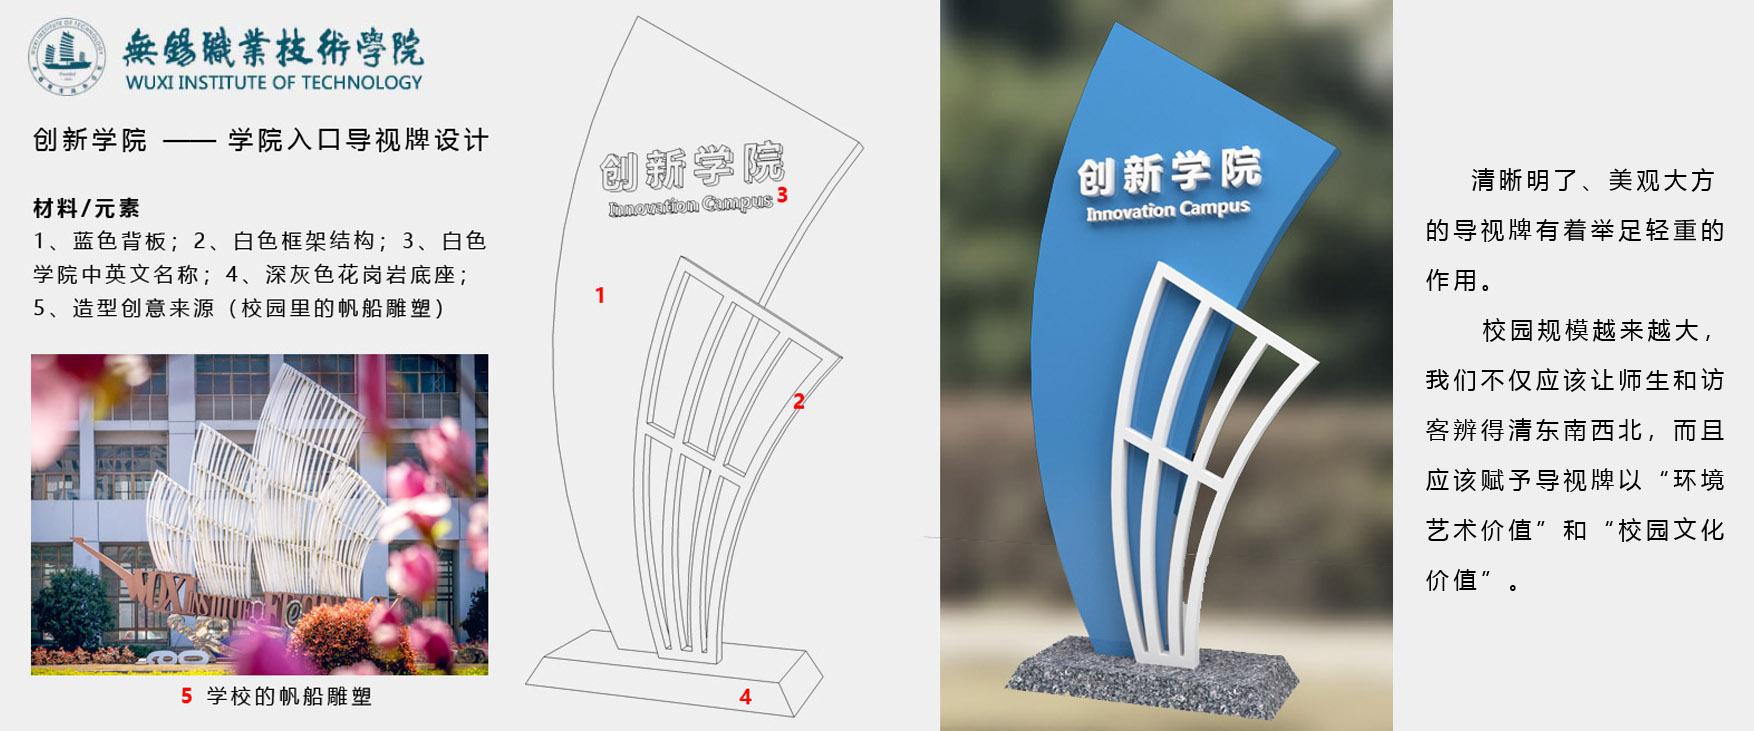 校园文化雕塑的设计有哪些方面是需要注意的?